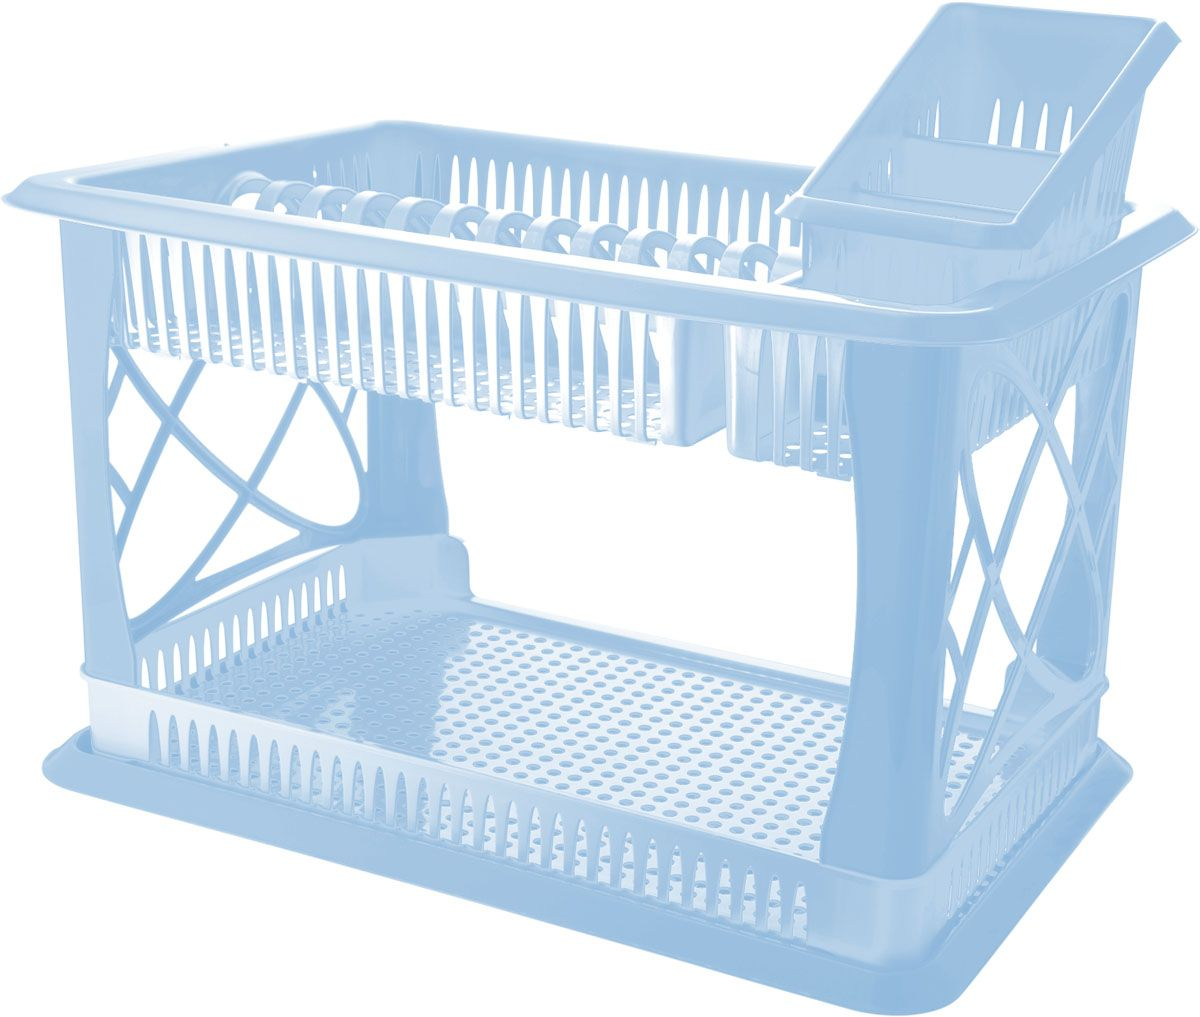 Двухъярусная сушилка для посуды выполнена  из пластика. Изделие  оснащено поддоном для стекания воды и подставкой для  столовых приборов и стаканов. Сушилка может  быть установлена как на столе, так и подвешена на стену при  помощи крючков (не входят в комплект).  Размер сушилки (с учетом подставок): 49 х 17,5 х 32,5 см.  Размер поддона: 47 х 30 х 2,5 см.